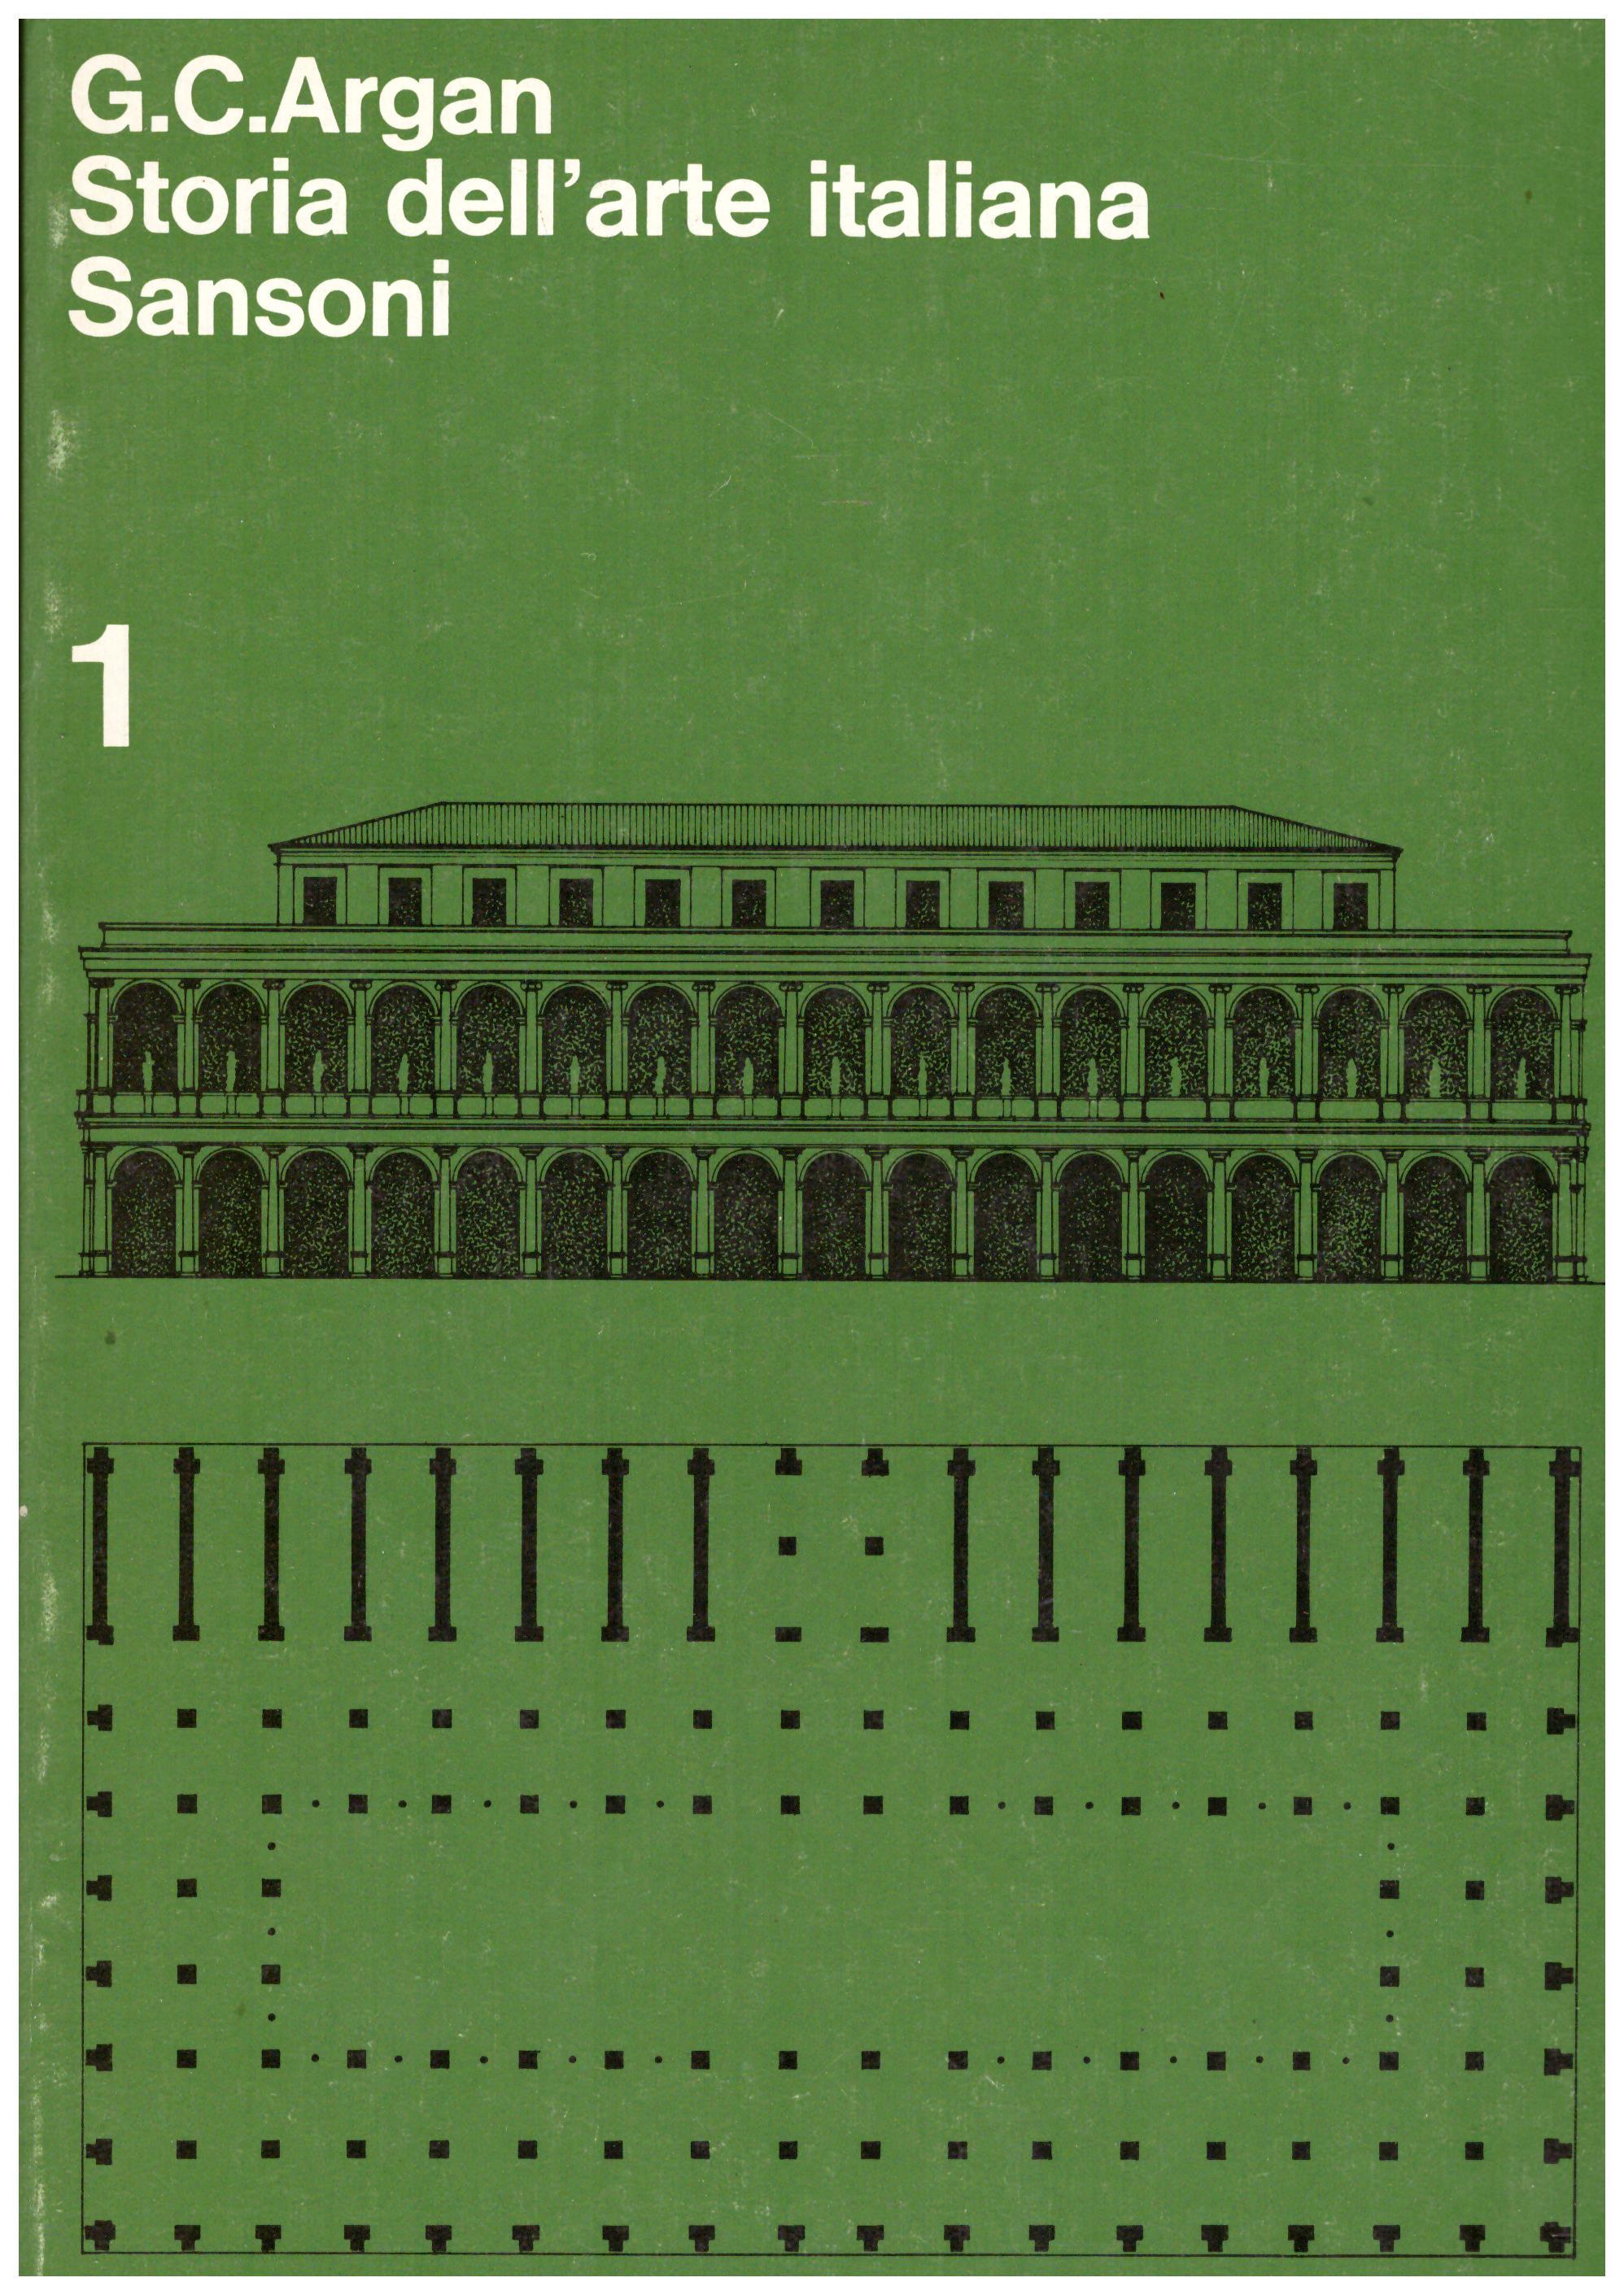 Titolo: Storia dell'arte italiana in 3 volumi Autore: G. C. Argan  Editore: Sansoni, I volume XX ristampa 1985, II volume XVII ristampa 1985, III volume XIV ristampa 1984